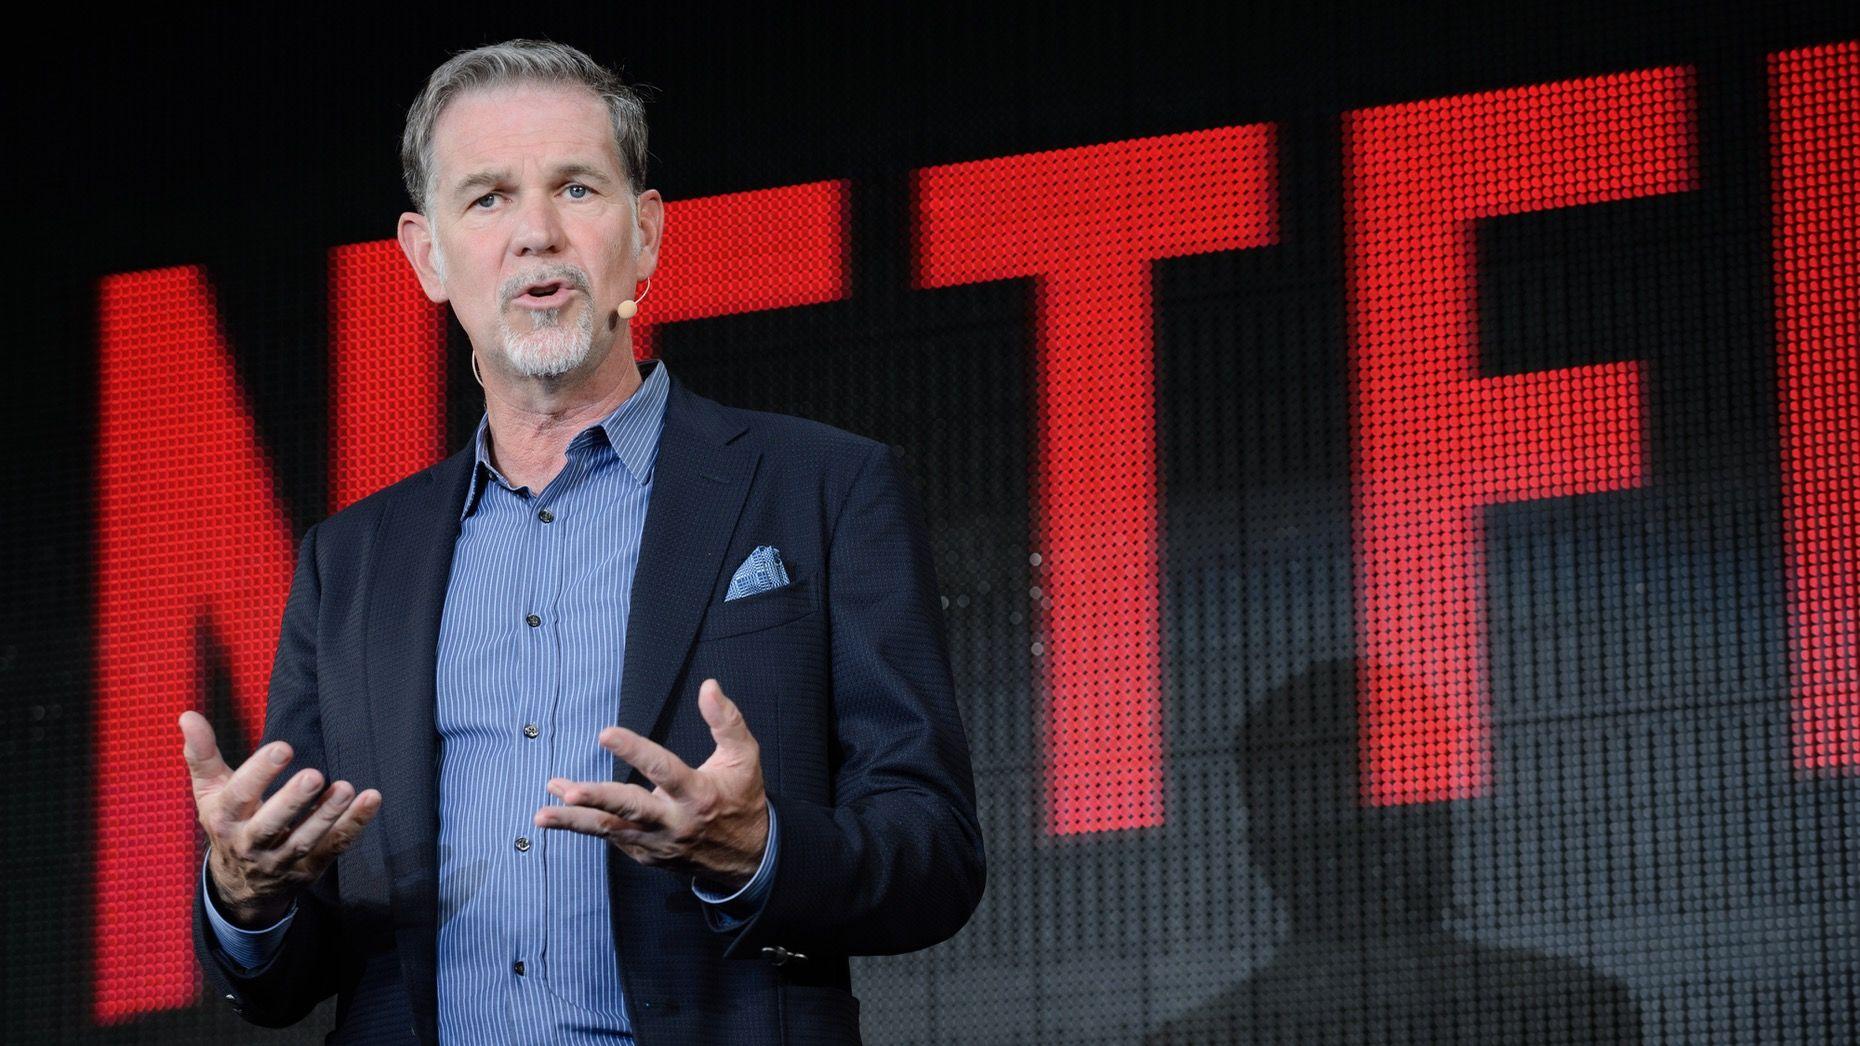 Netflix CEO Reed Hastings speaking in Tokyo in 2016. Photo: Bloomberg